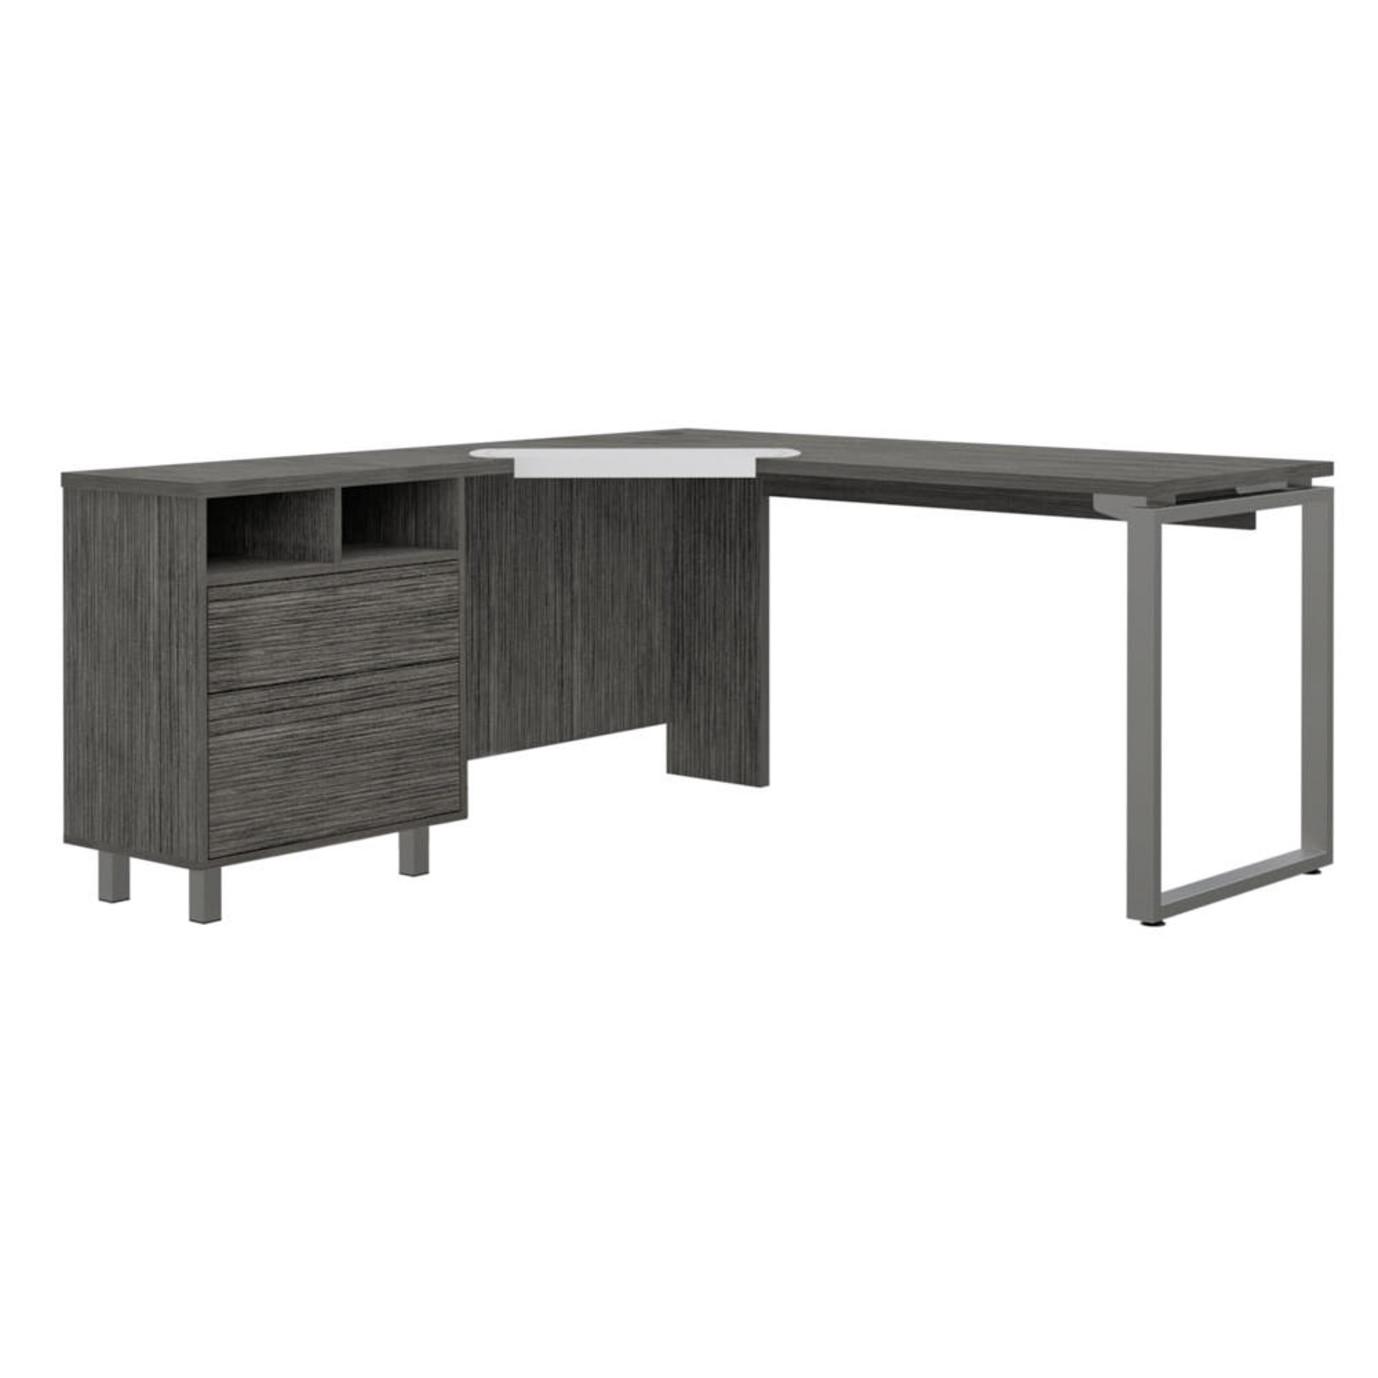 Emery 3 Drawer Desk - Gray Oak